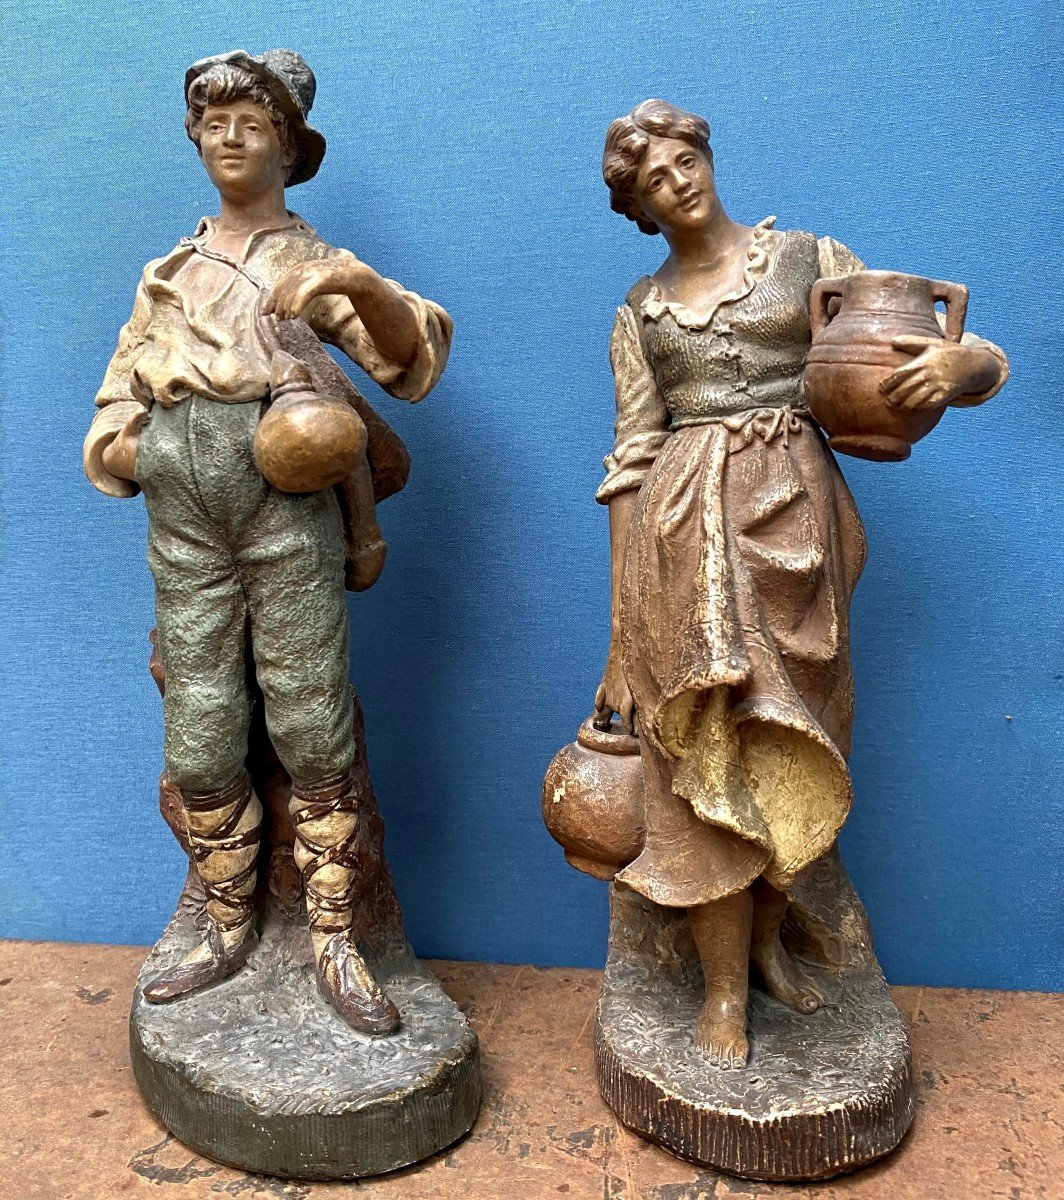 Couple De Statuette De Goldscheider 19ème